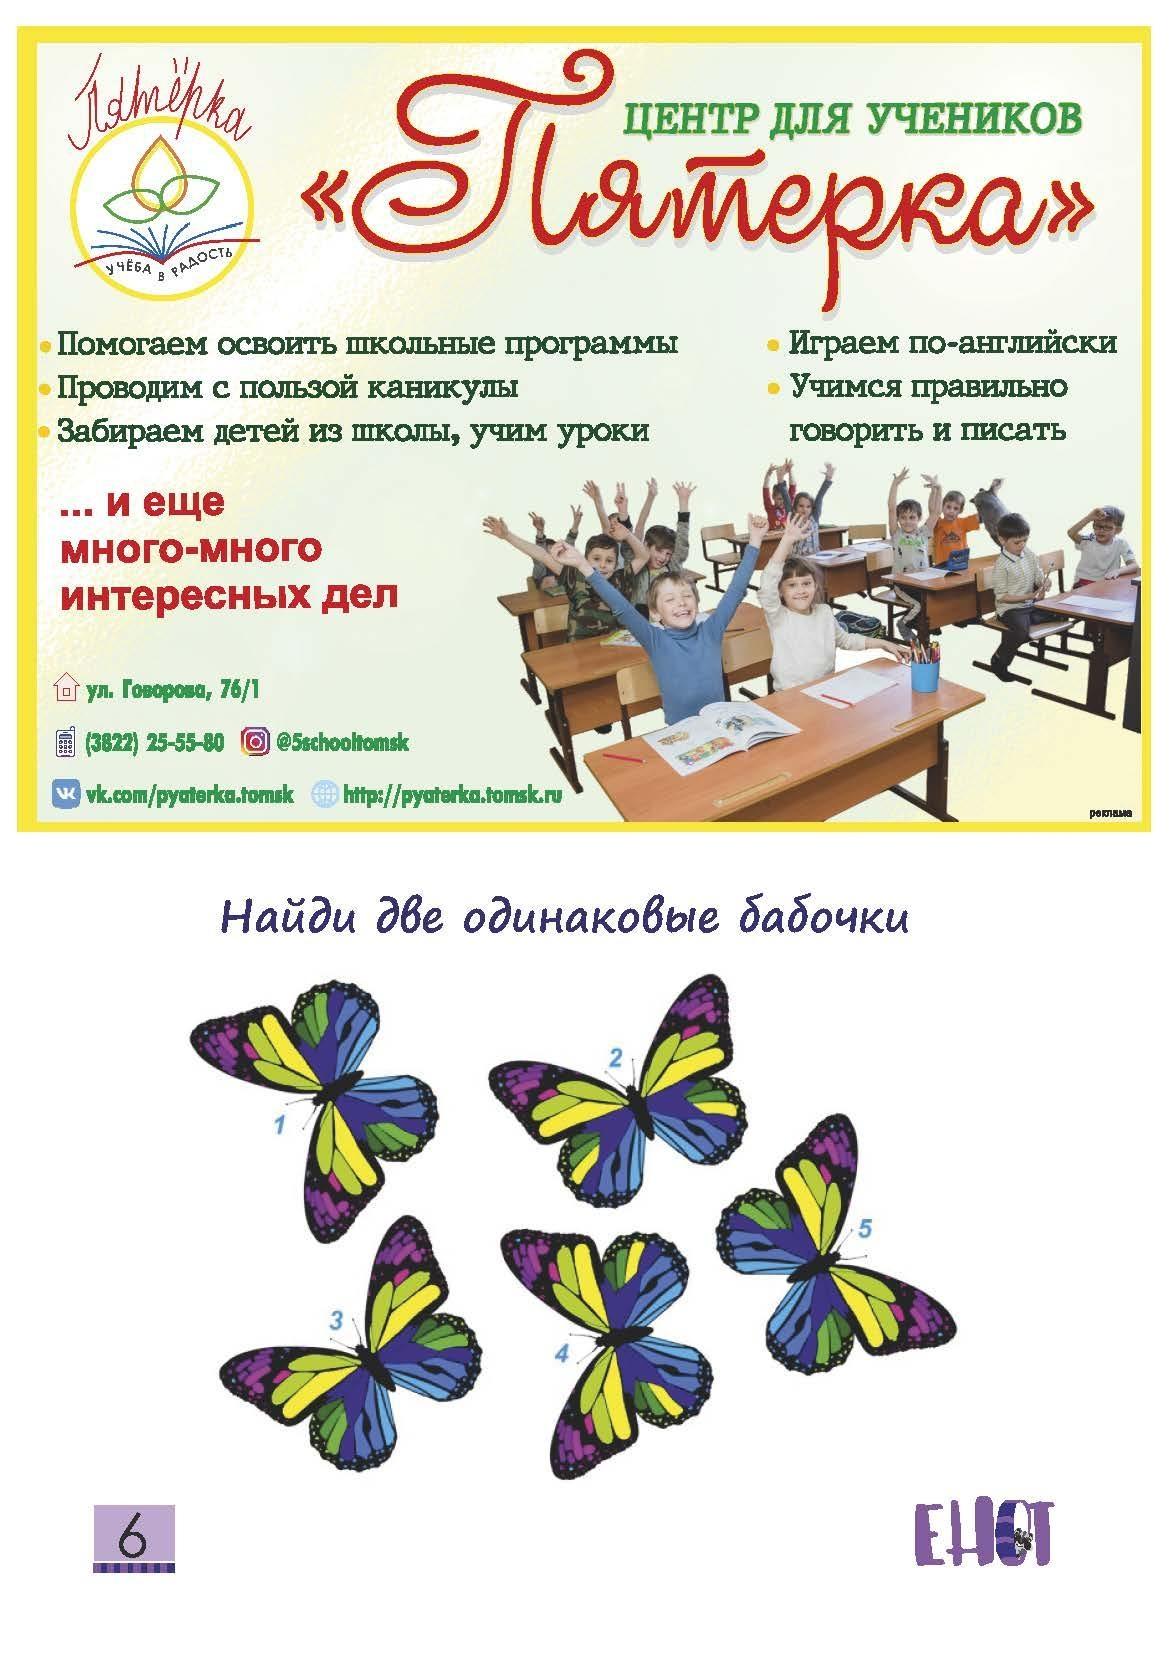 Детский журнал Енот - 2019.08 Страница 06